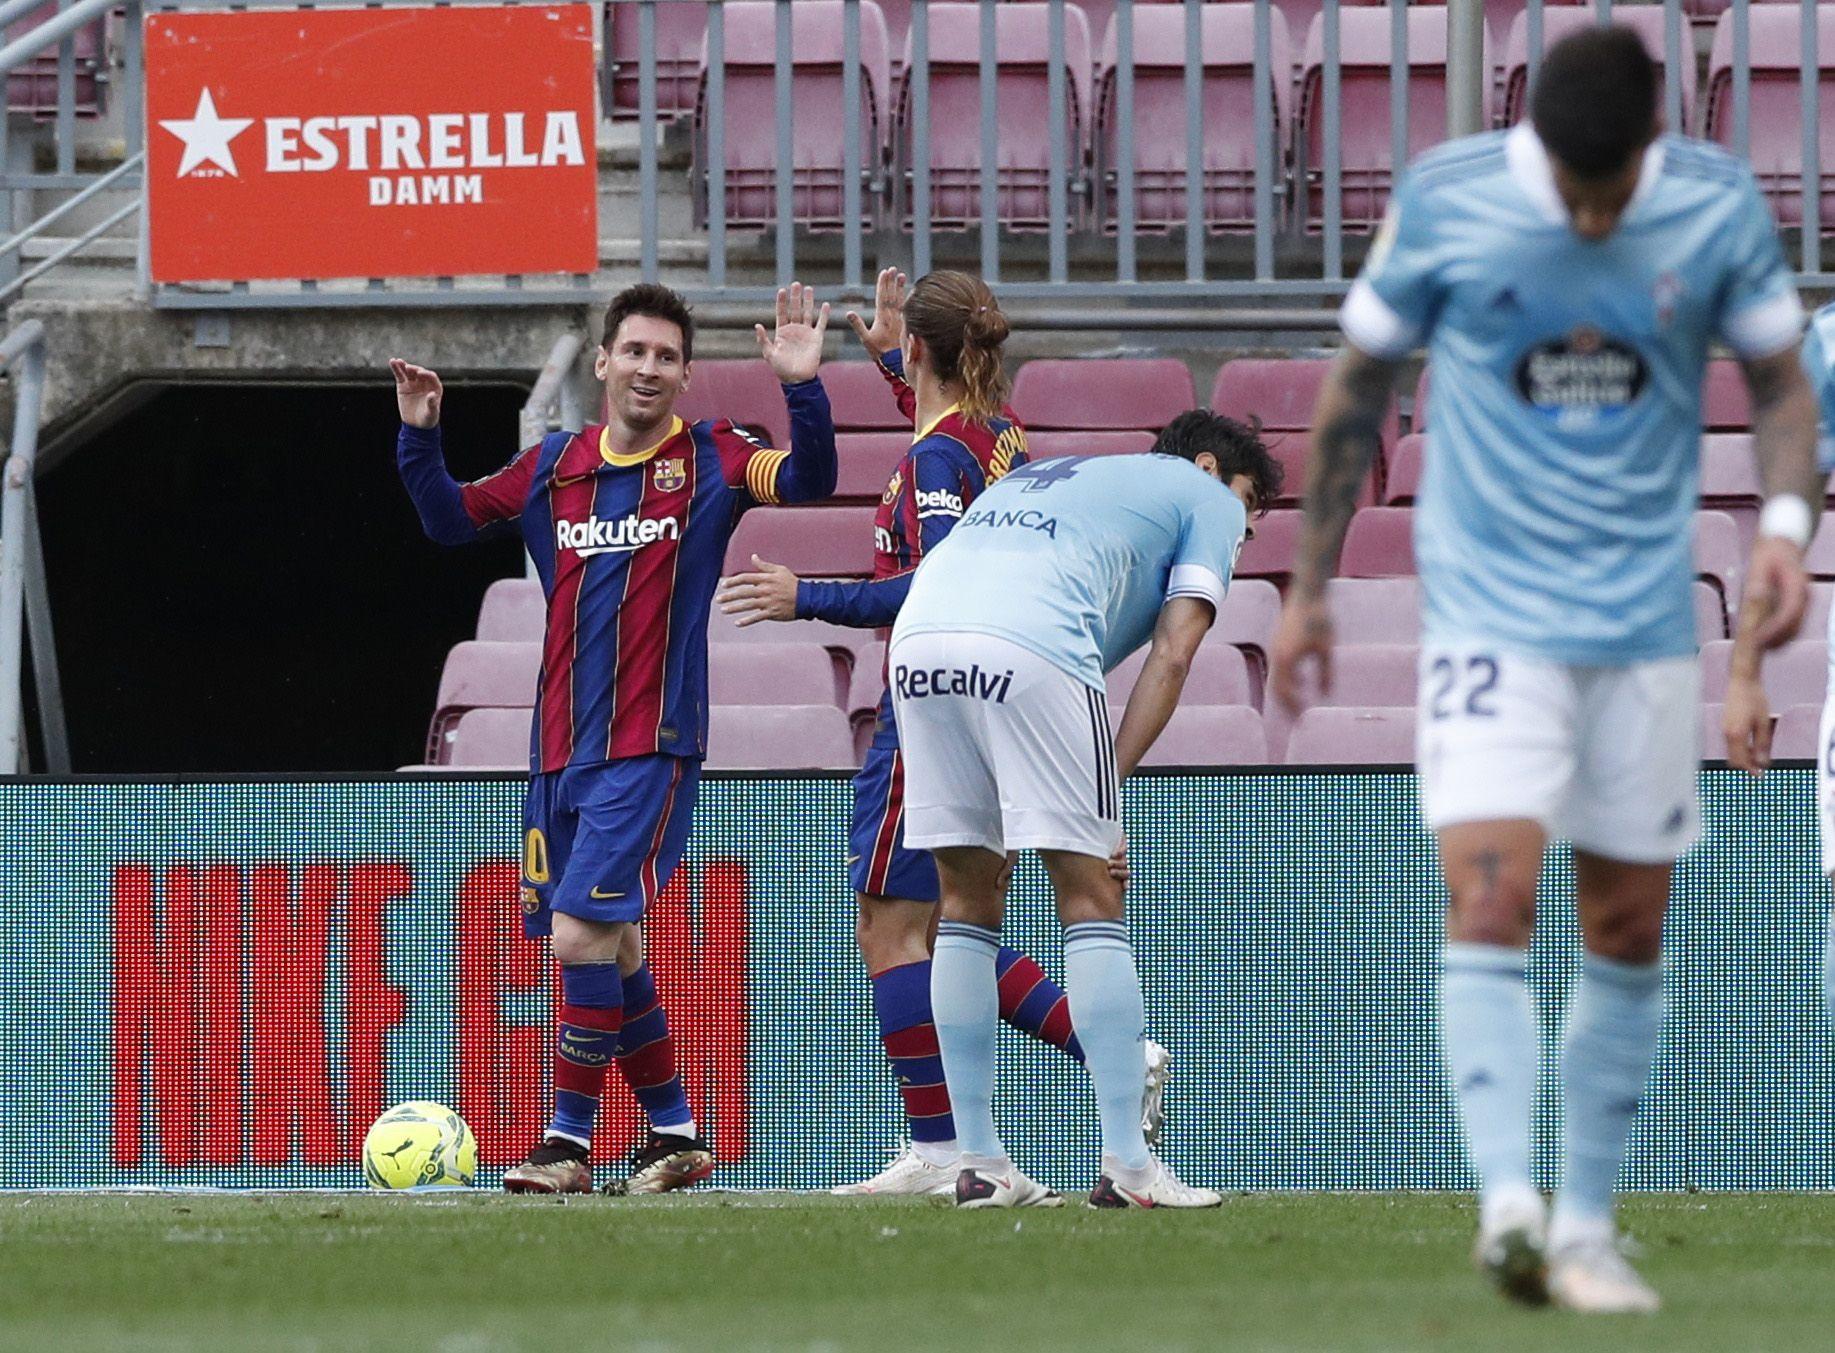 LaLiga Santander: Barcelona - Celta